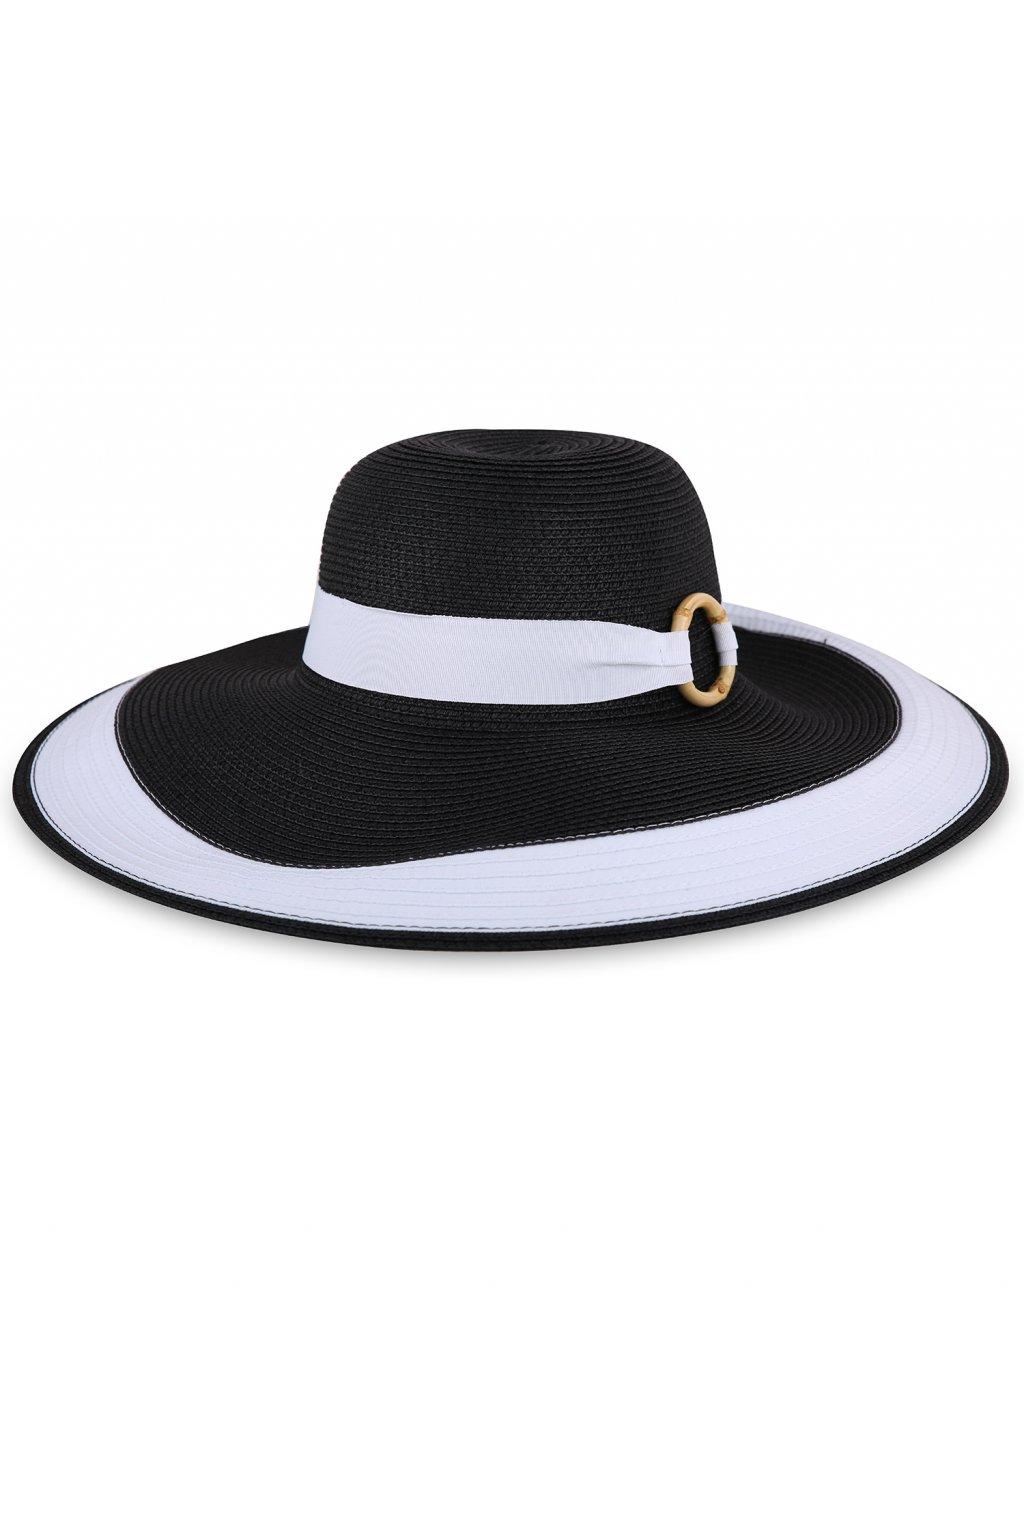 POUPEE letní klobouk COCO